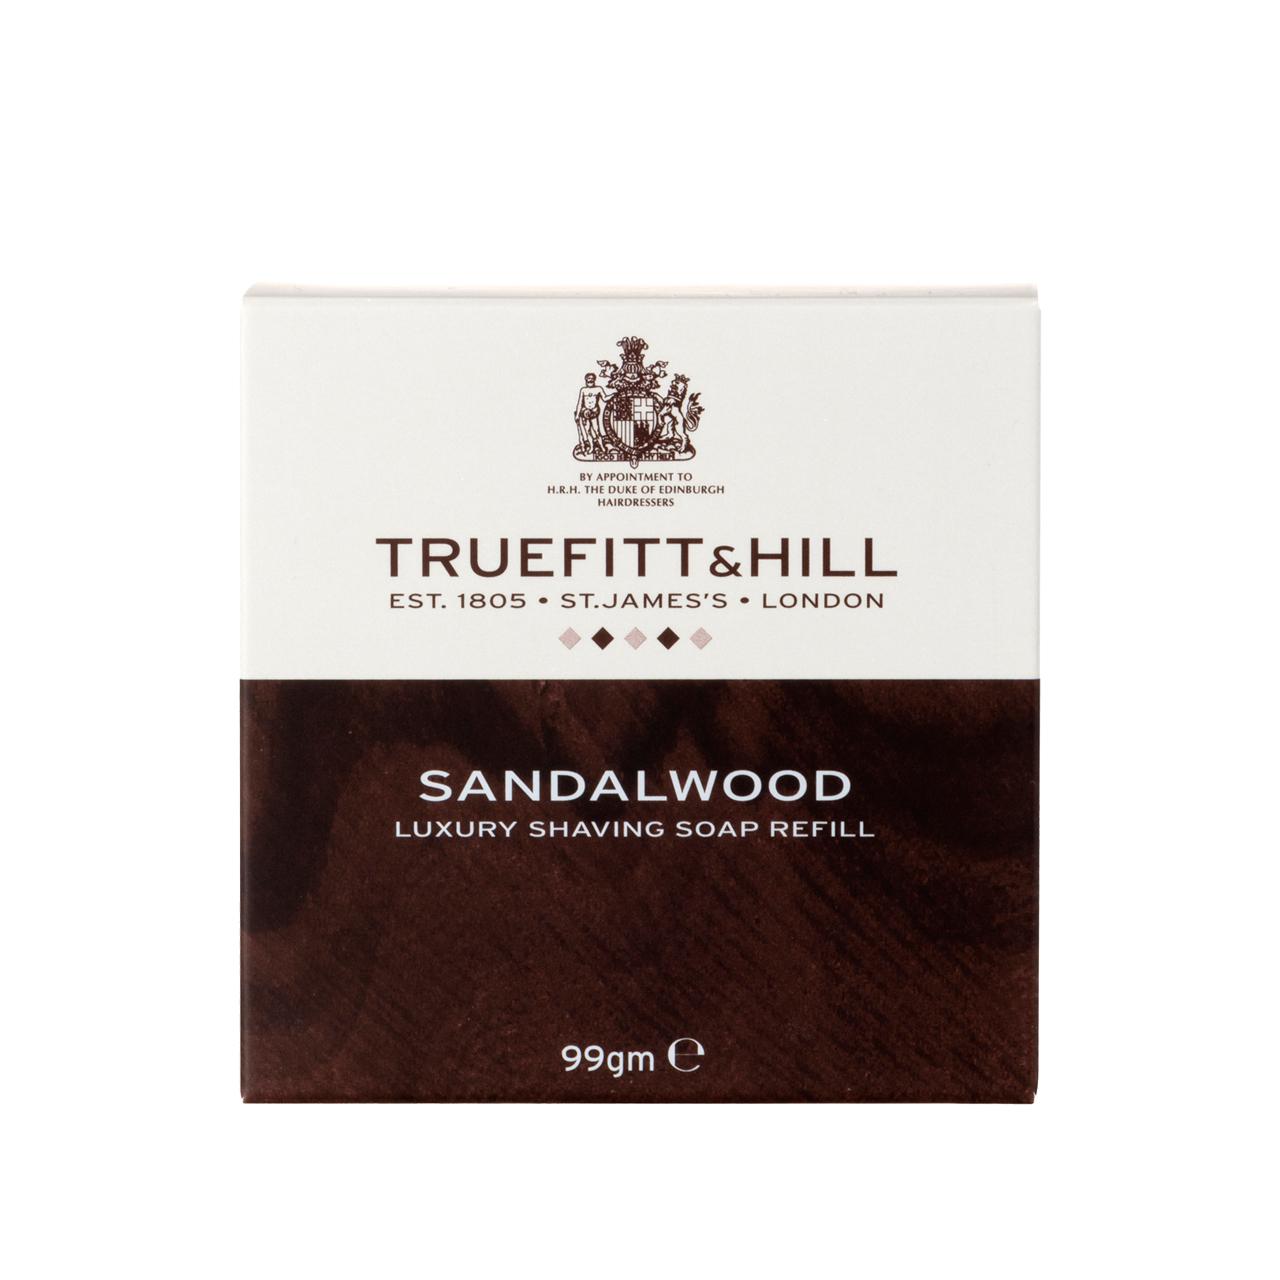 Sandalwood - Shaving Soap Refill